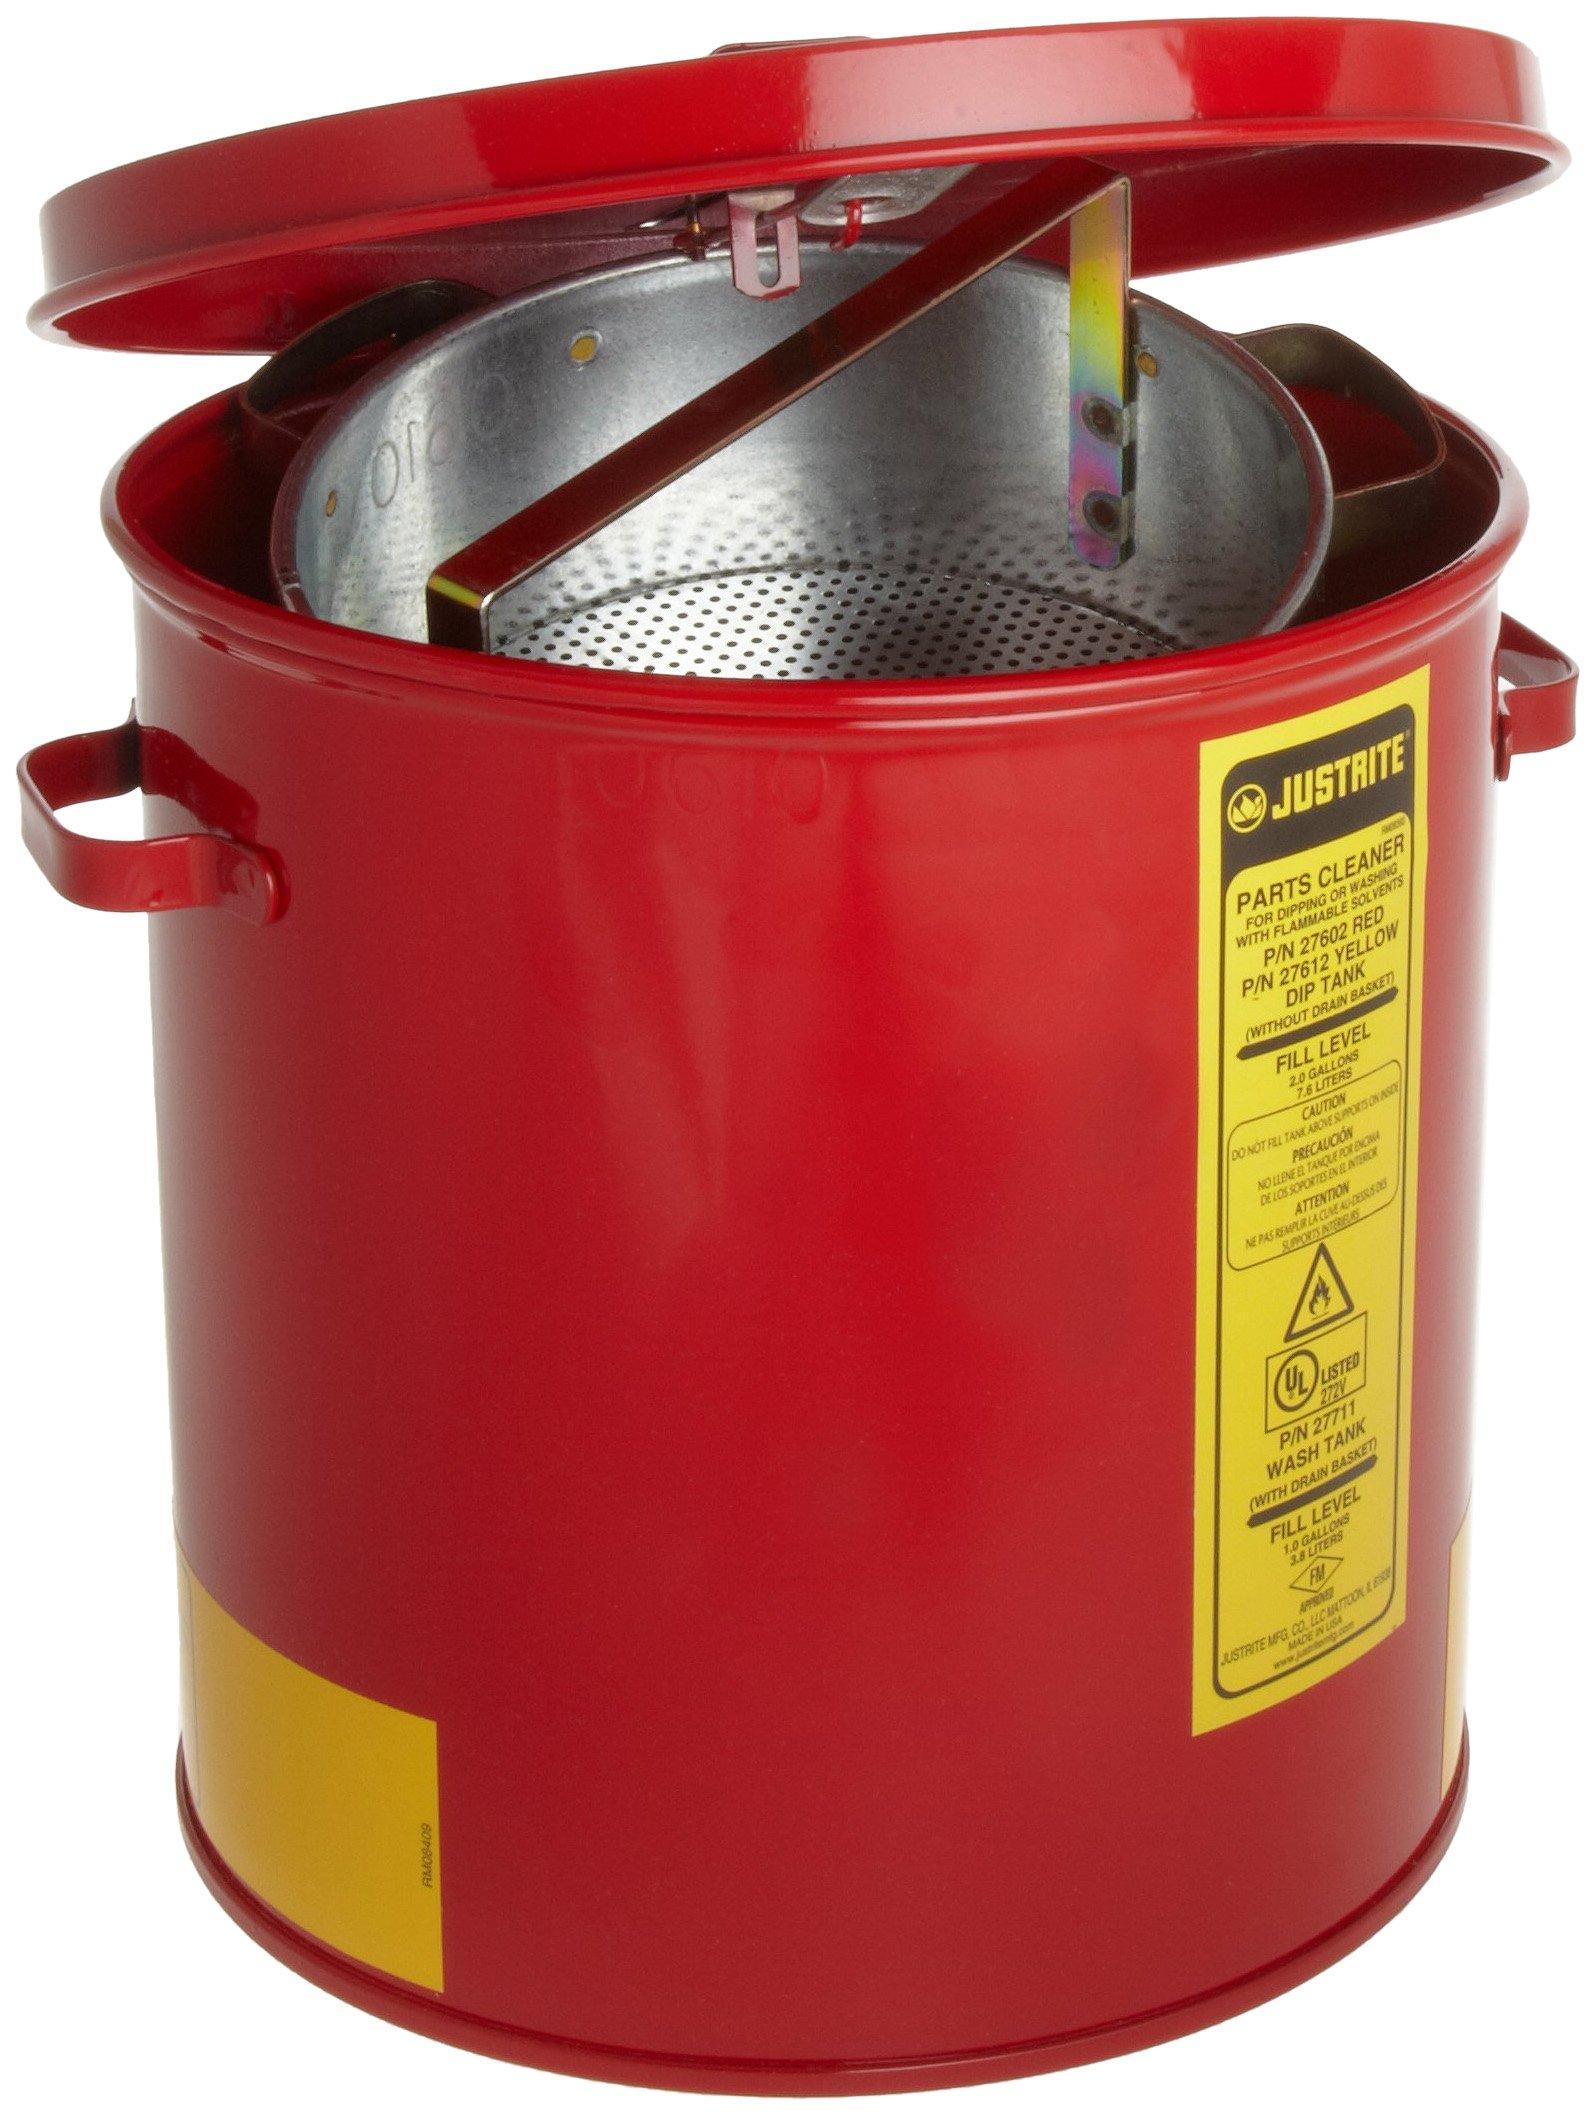 Justrite 27711 1 Gallon, 9 3/8'' x 10.00'' Wash Tanks